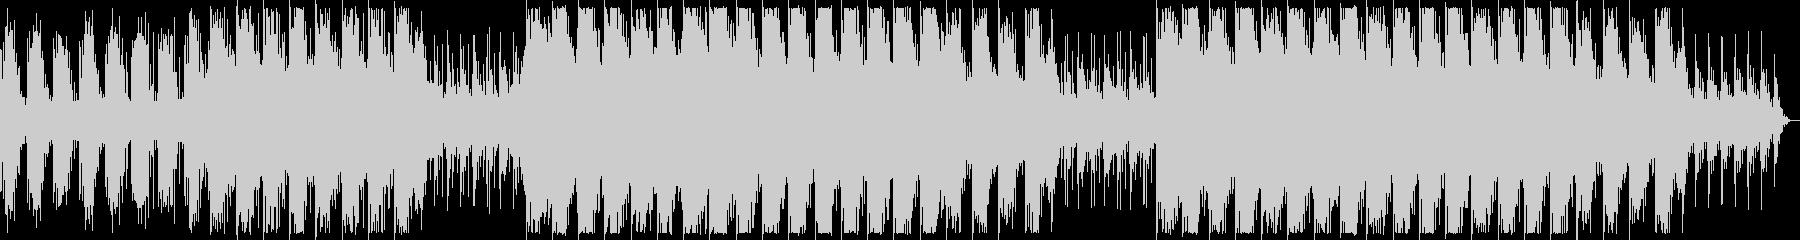 幻想的でダークなBGM ロングの未再生の波形